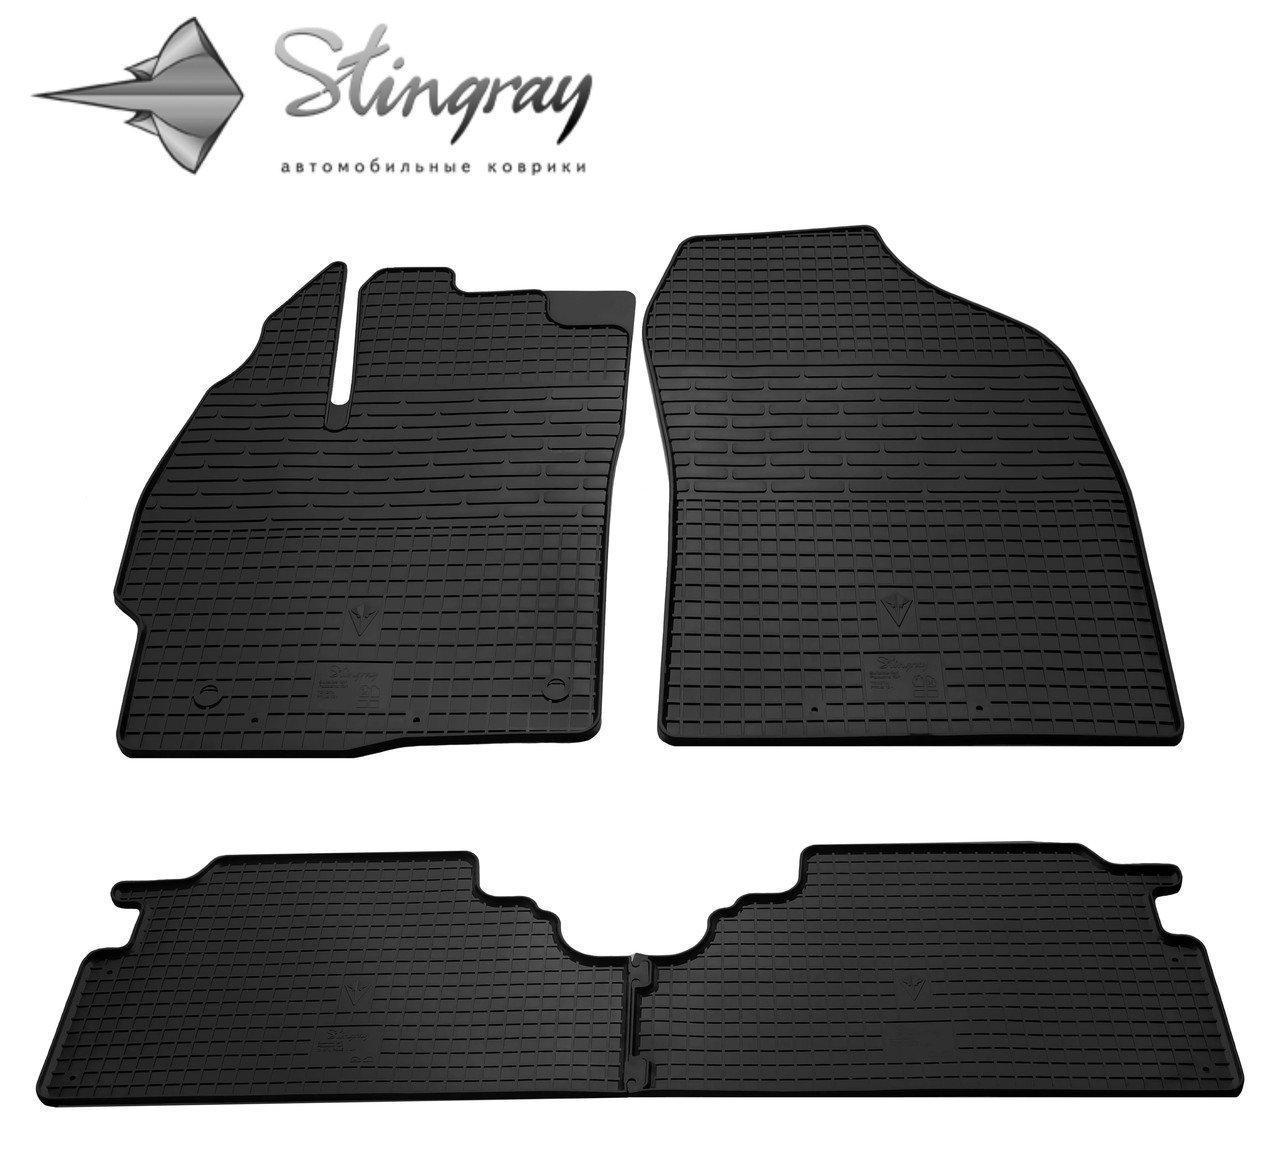 Коврики автомобильные для Toyota Prius V 2011-2015 Stingray